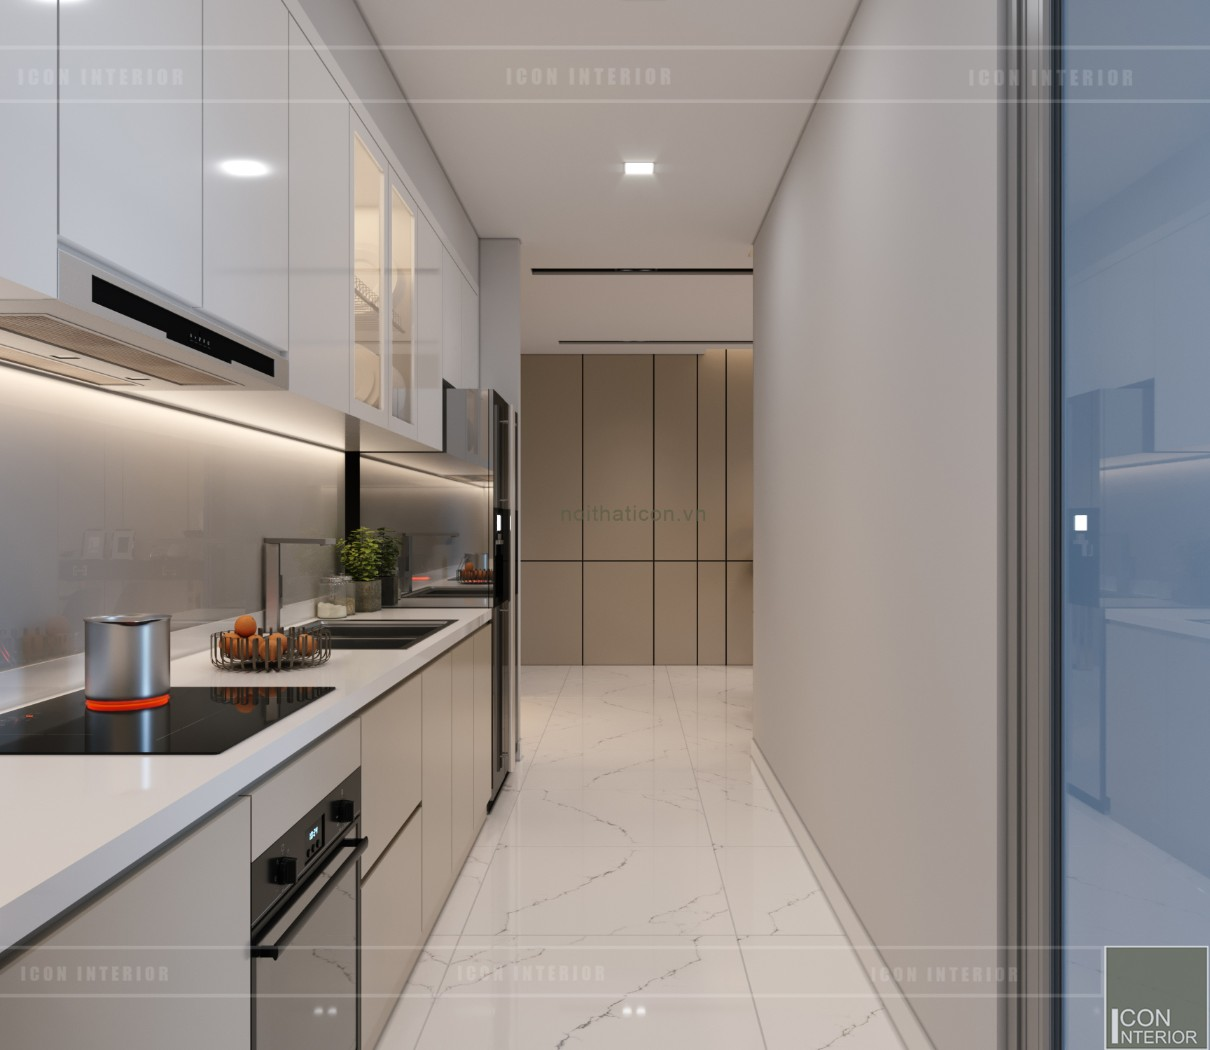 thiết kế nội thất căn hộ chung cư 90m2 - nhà bếp